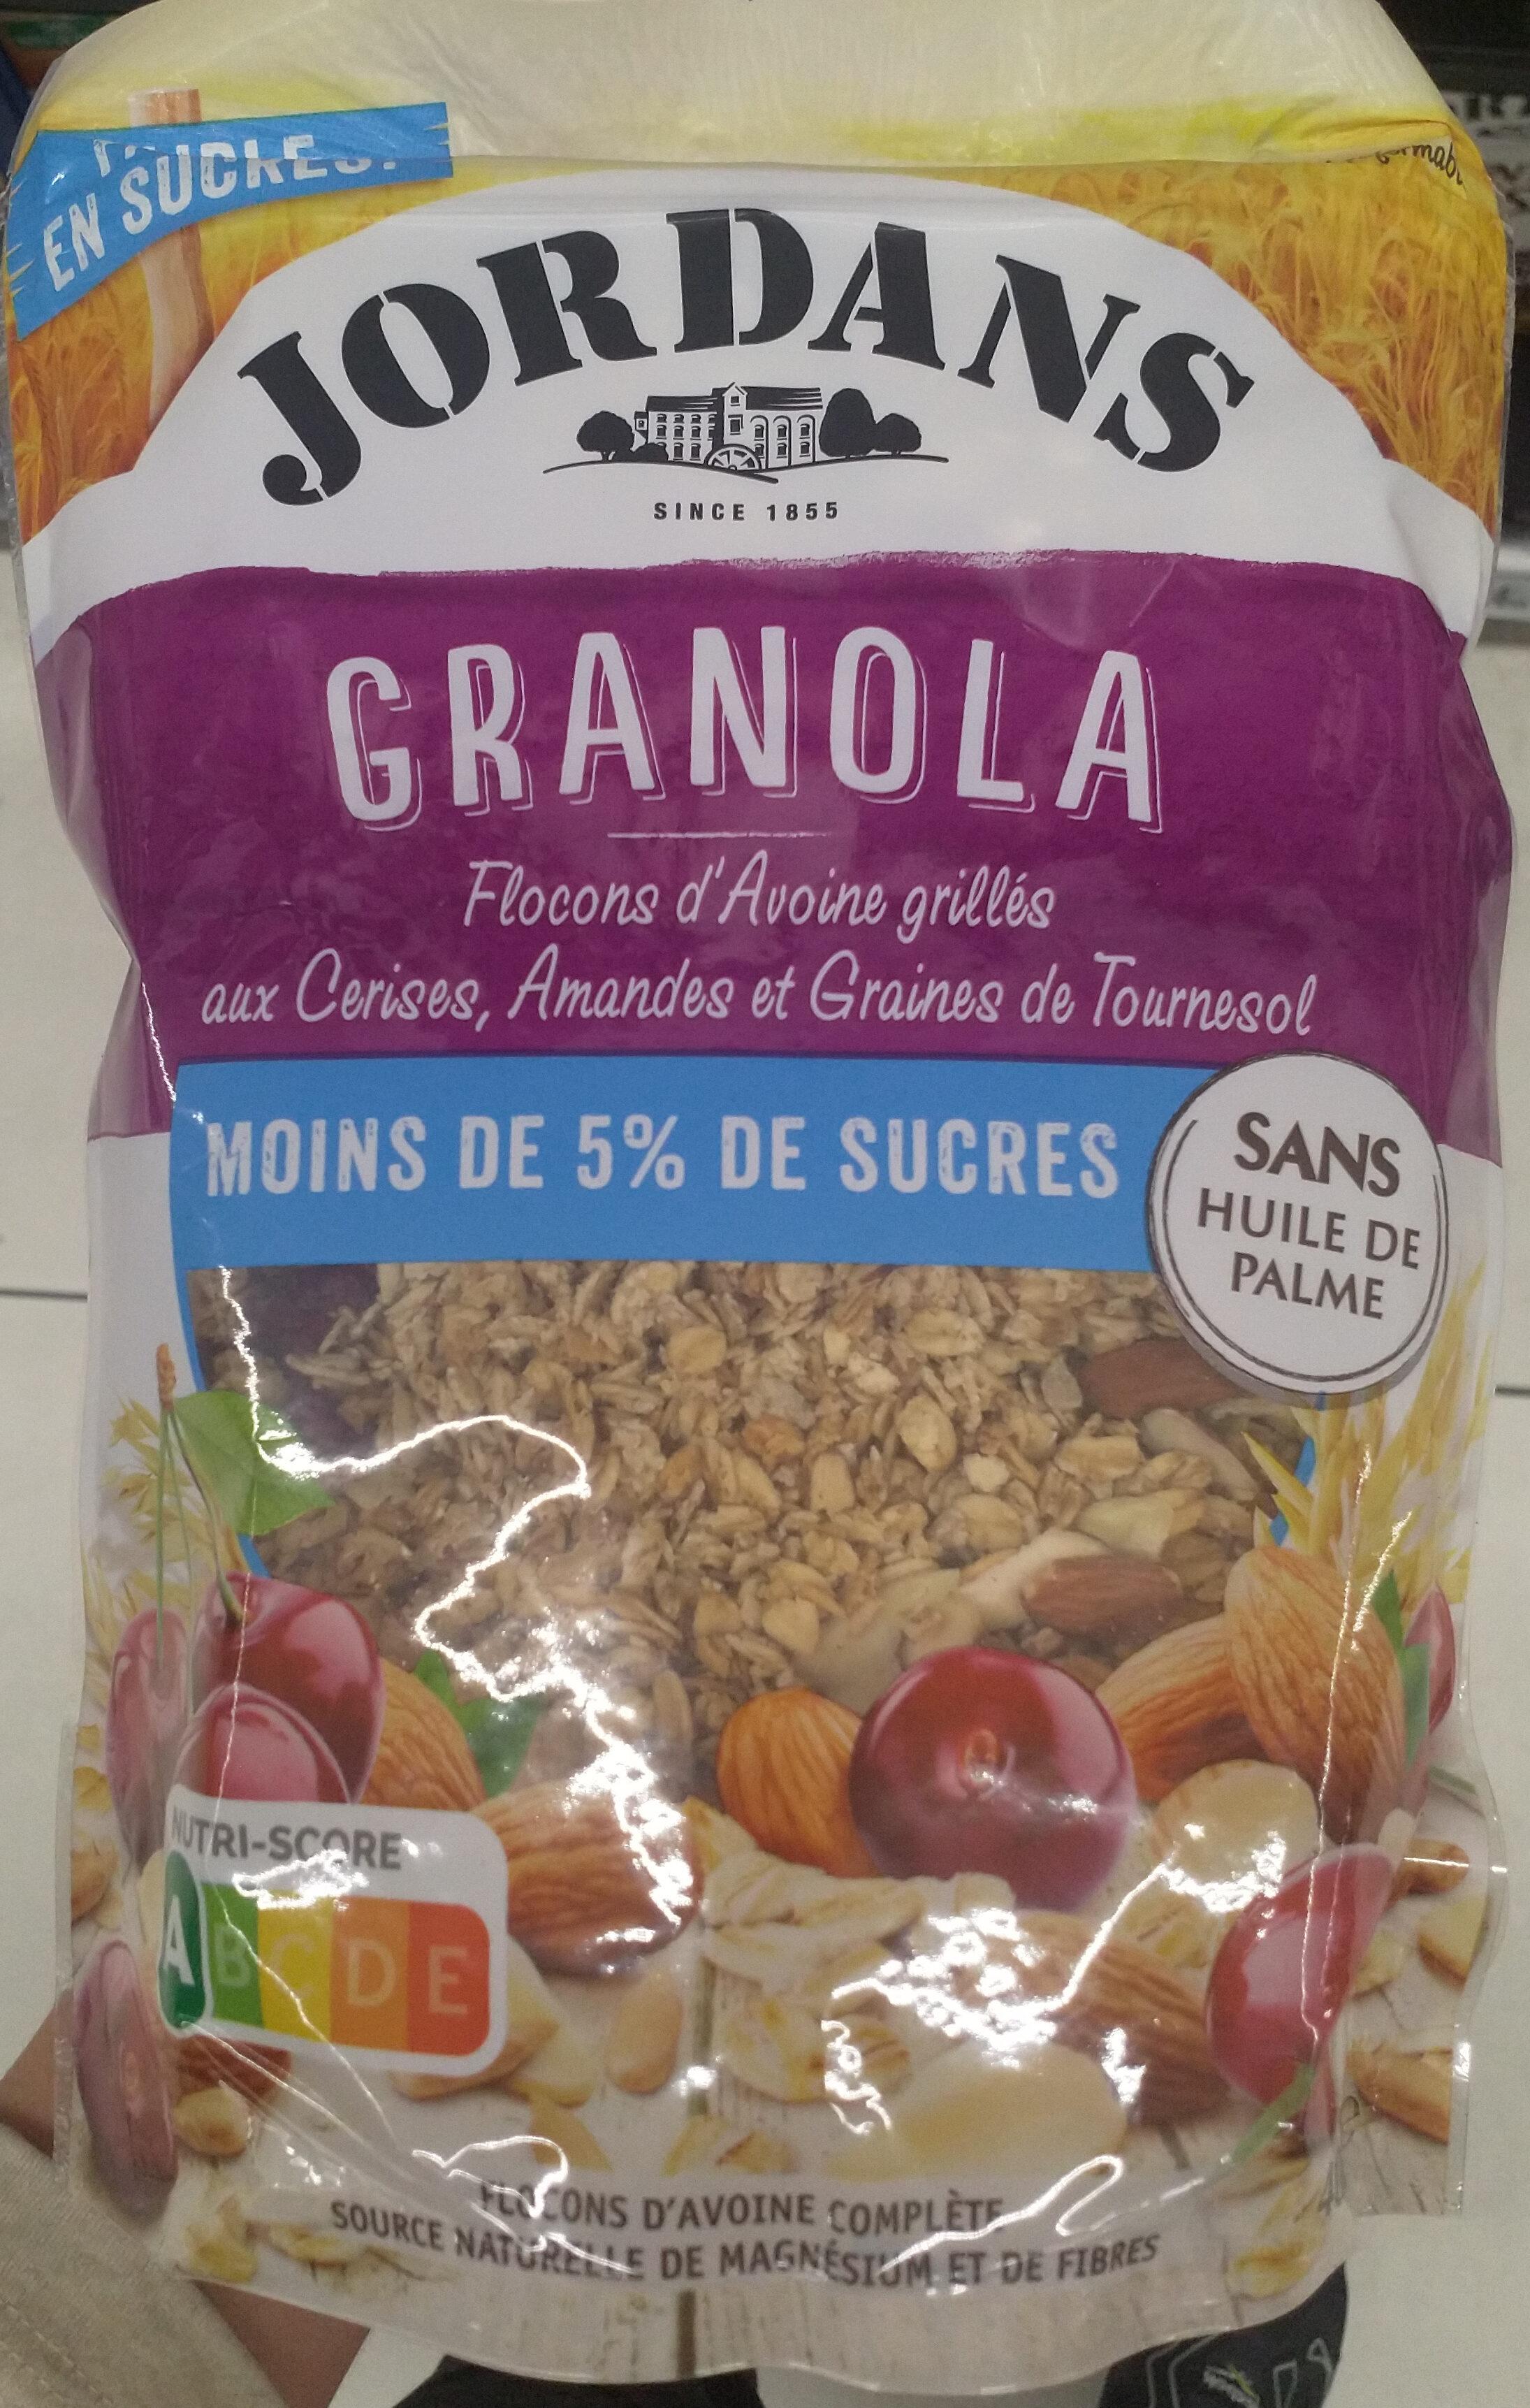 Granola céréales complètes Cerise, amande & graine de tournesol - Produit - fr